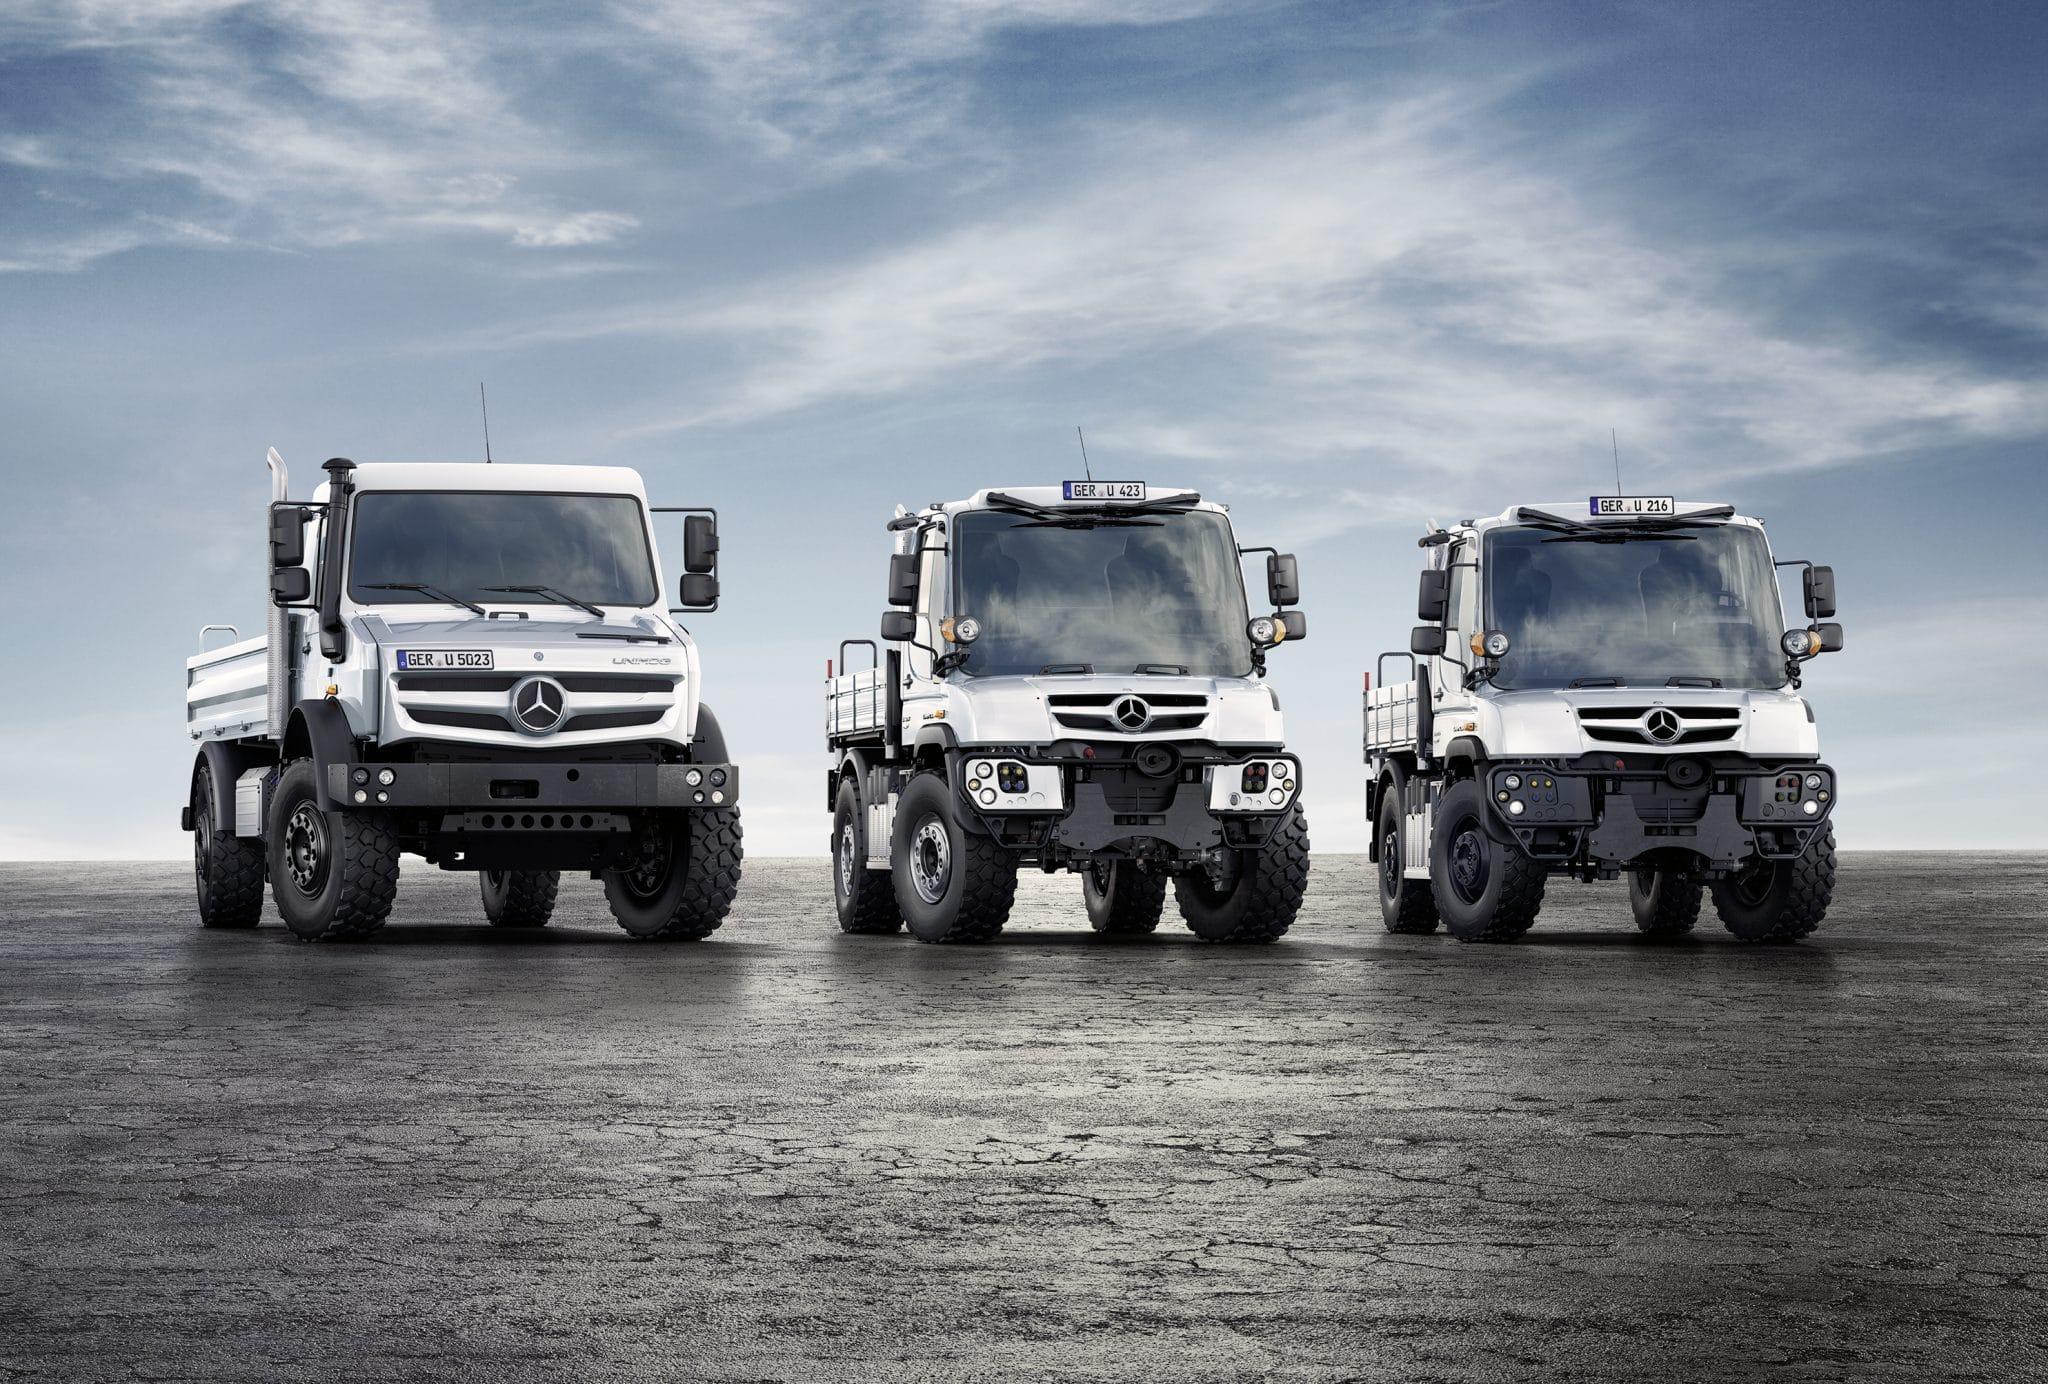 4x4 Mercedes unimog